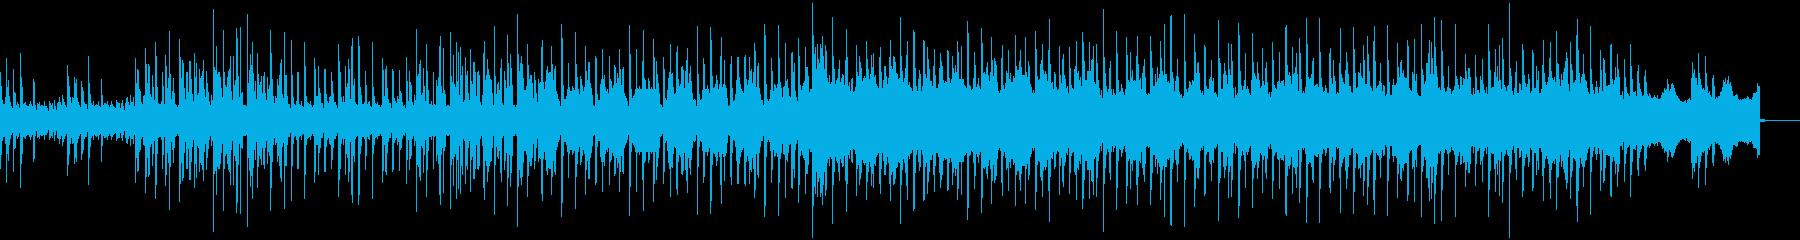 スローでクールなヒップホップ  BGMの再生済みの波形